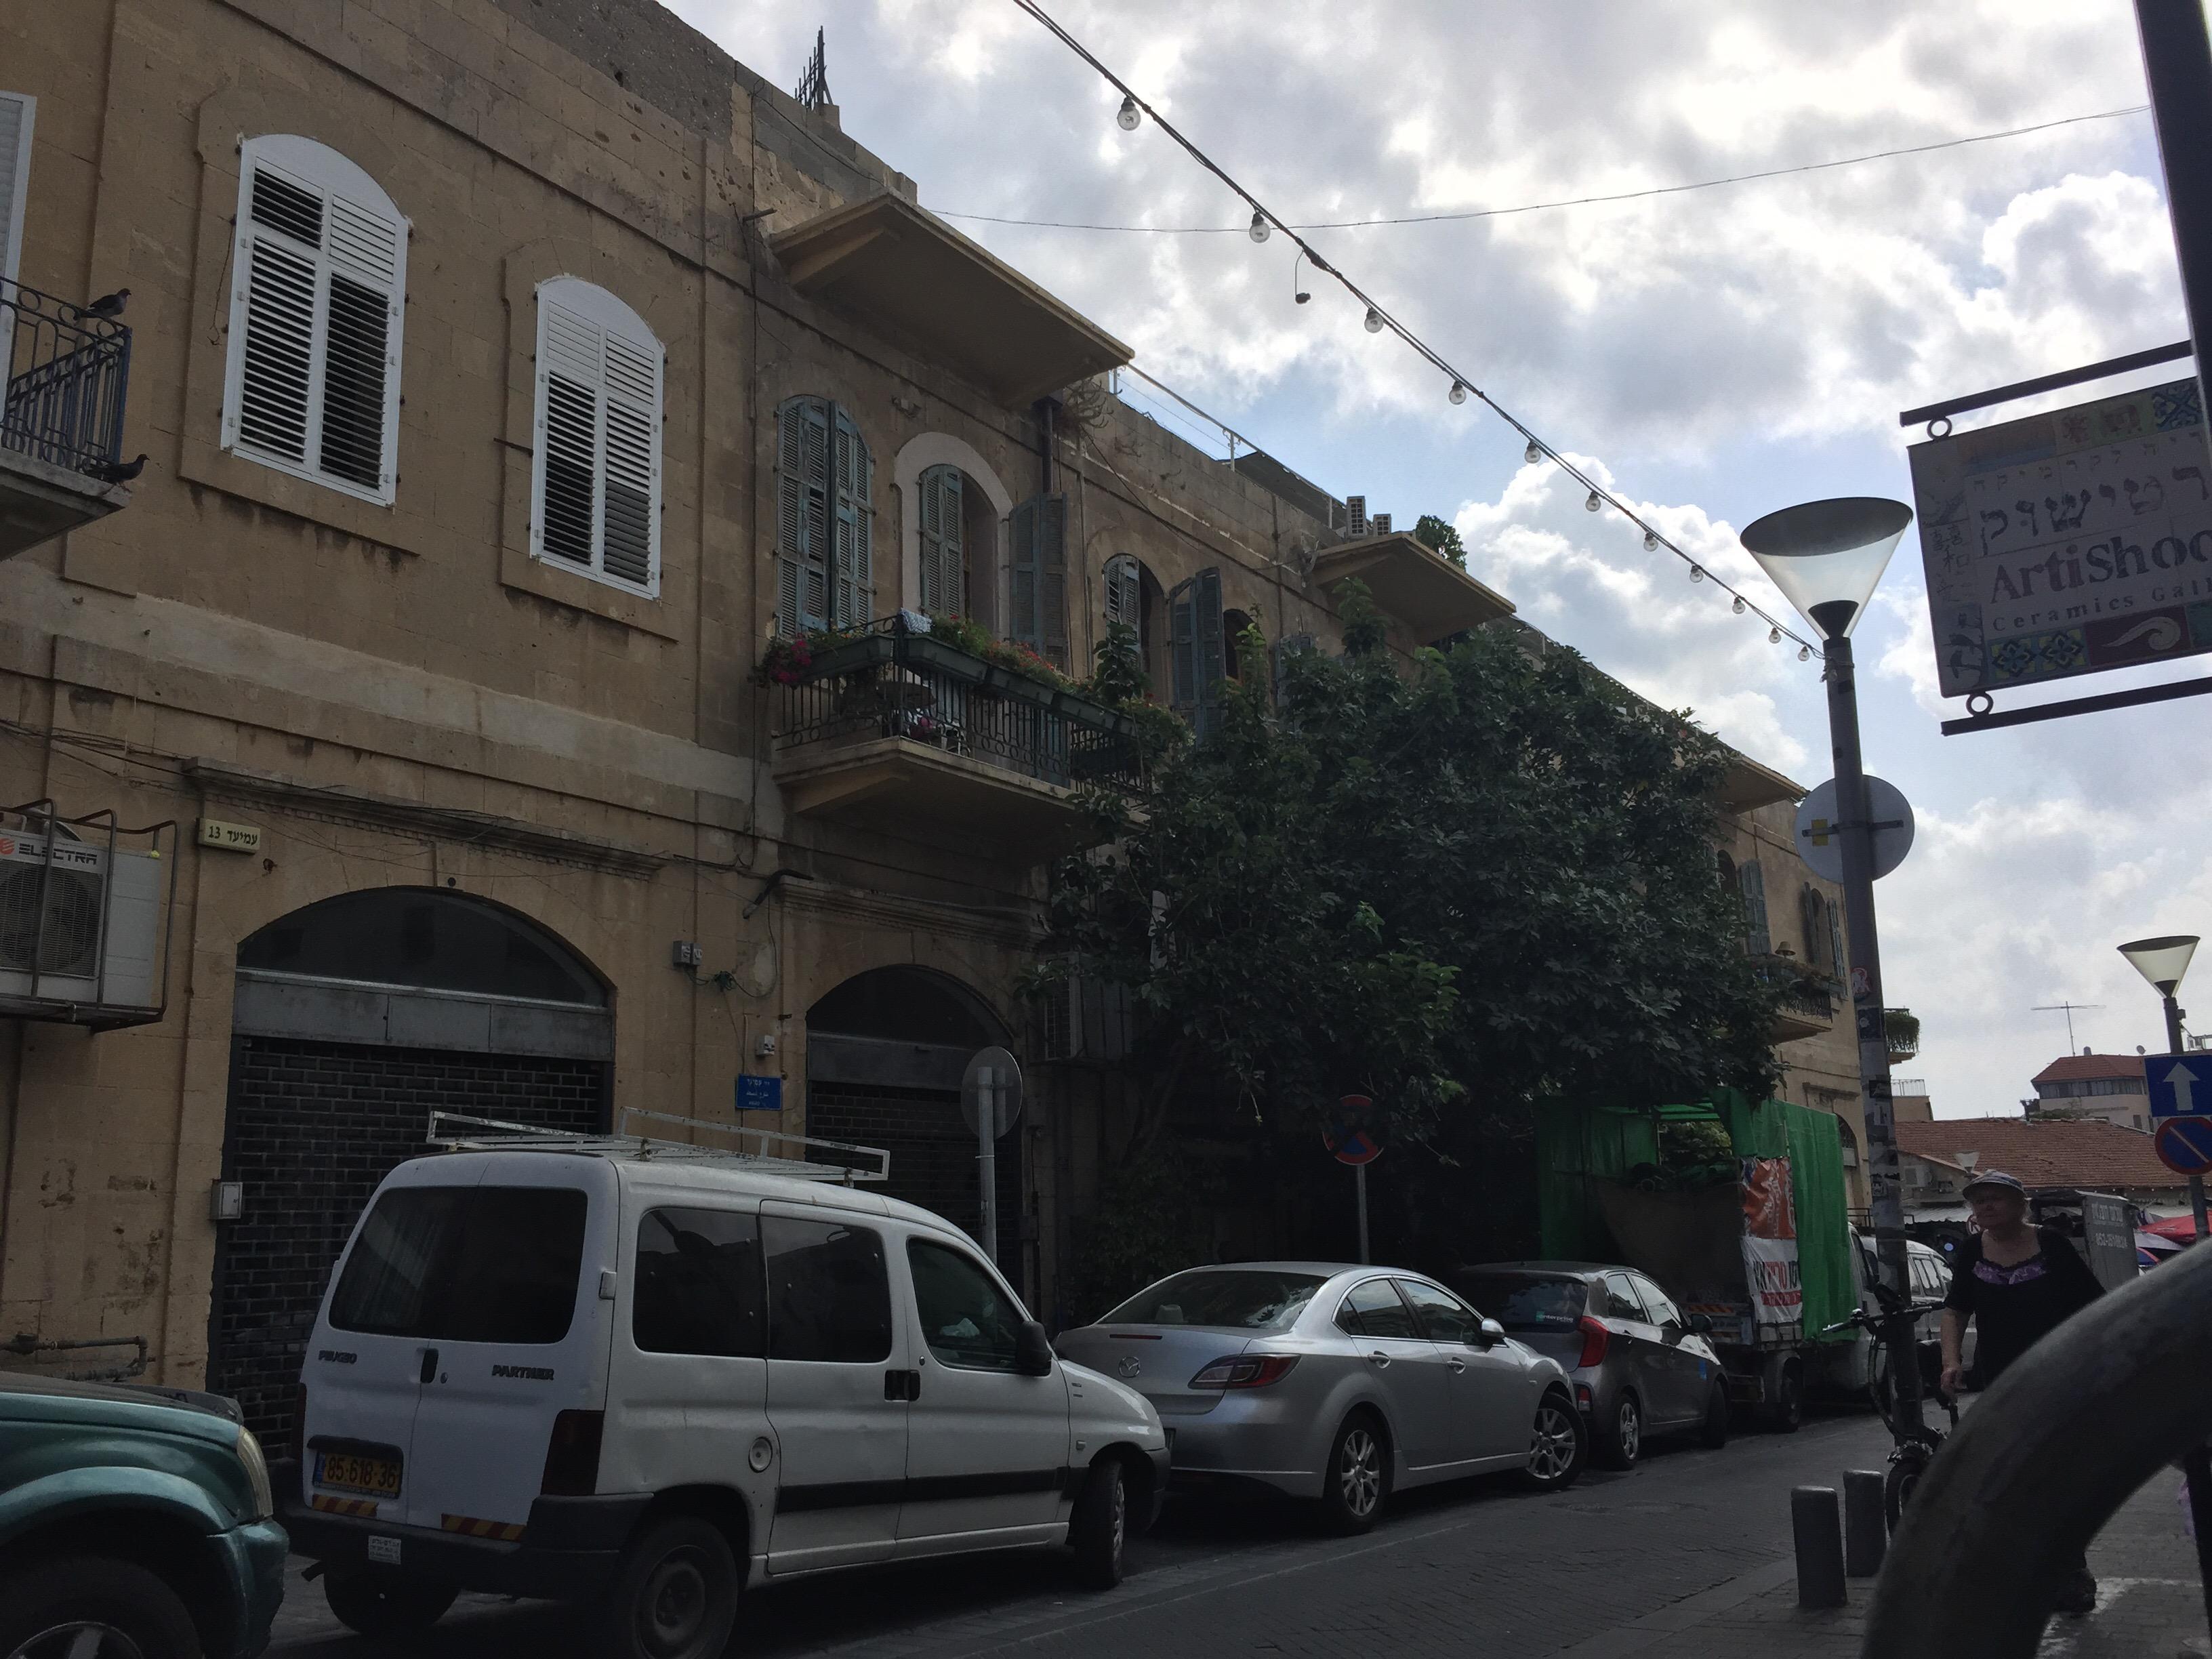 Jaffa street view